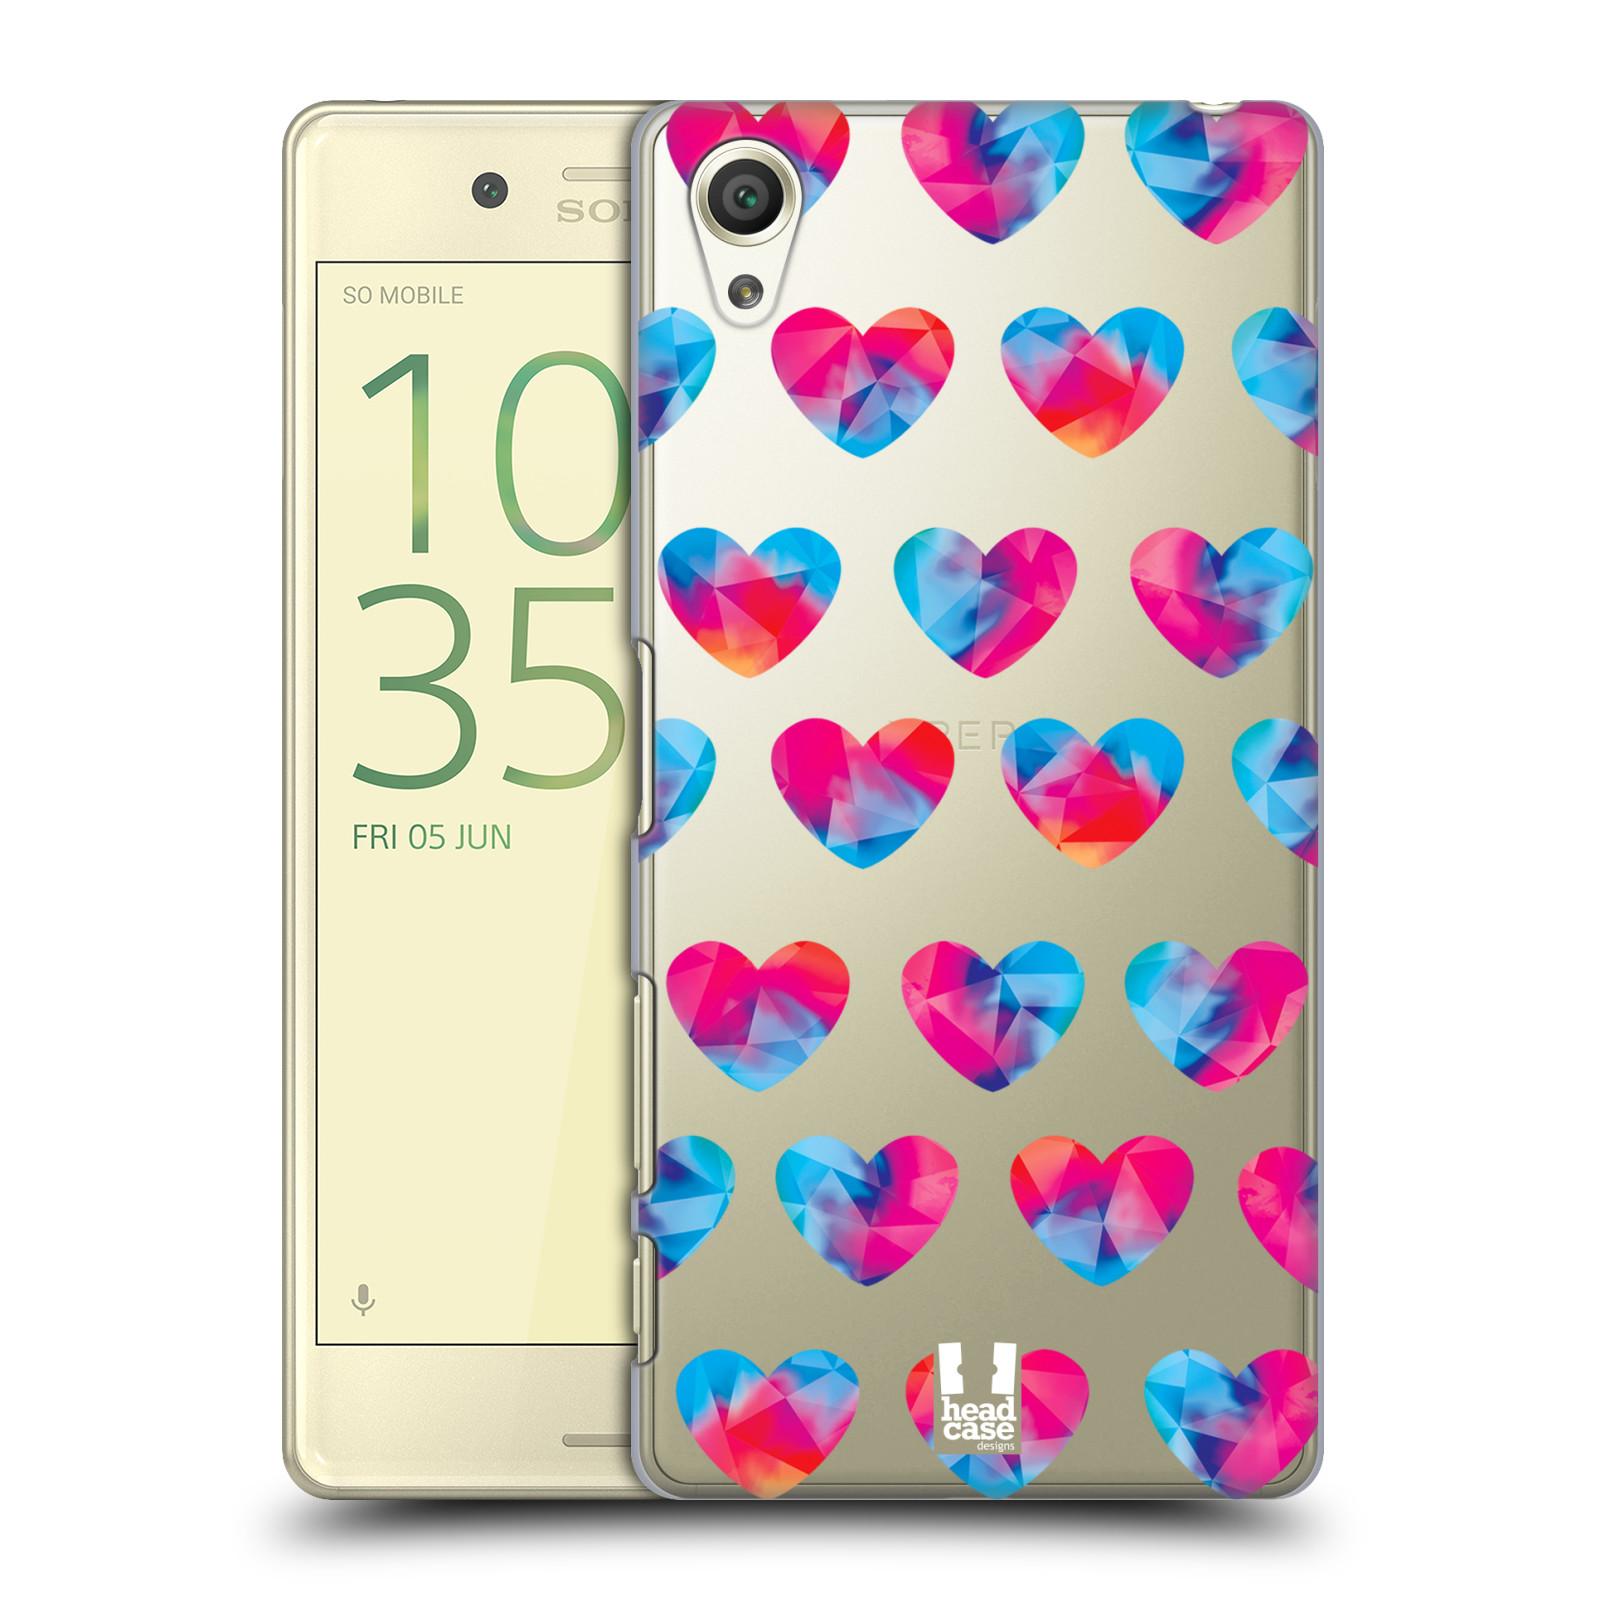 Plastové pouzdro na mobil Sony Xperia X - Head Case - Srdíčka hrající barvami